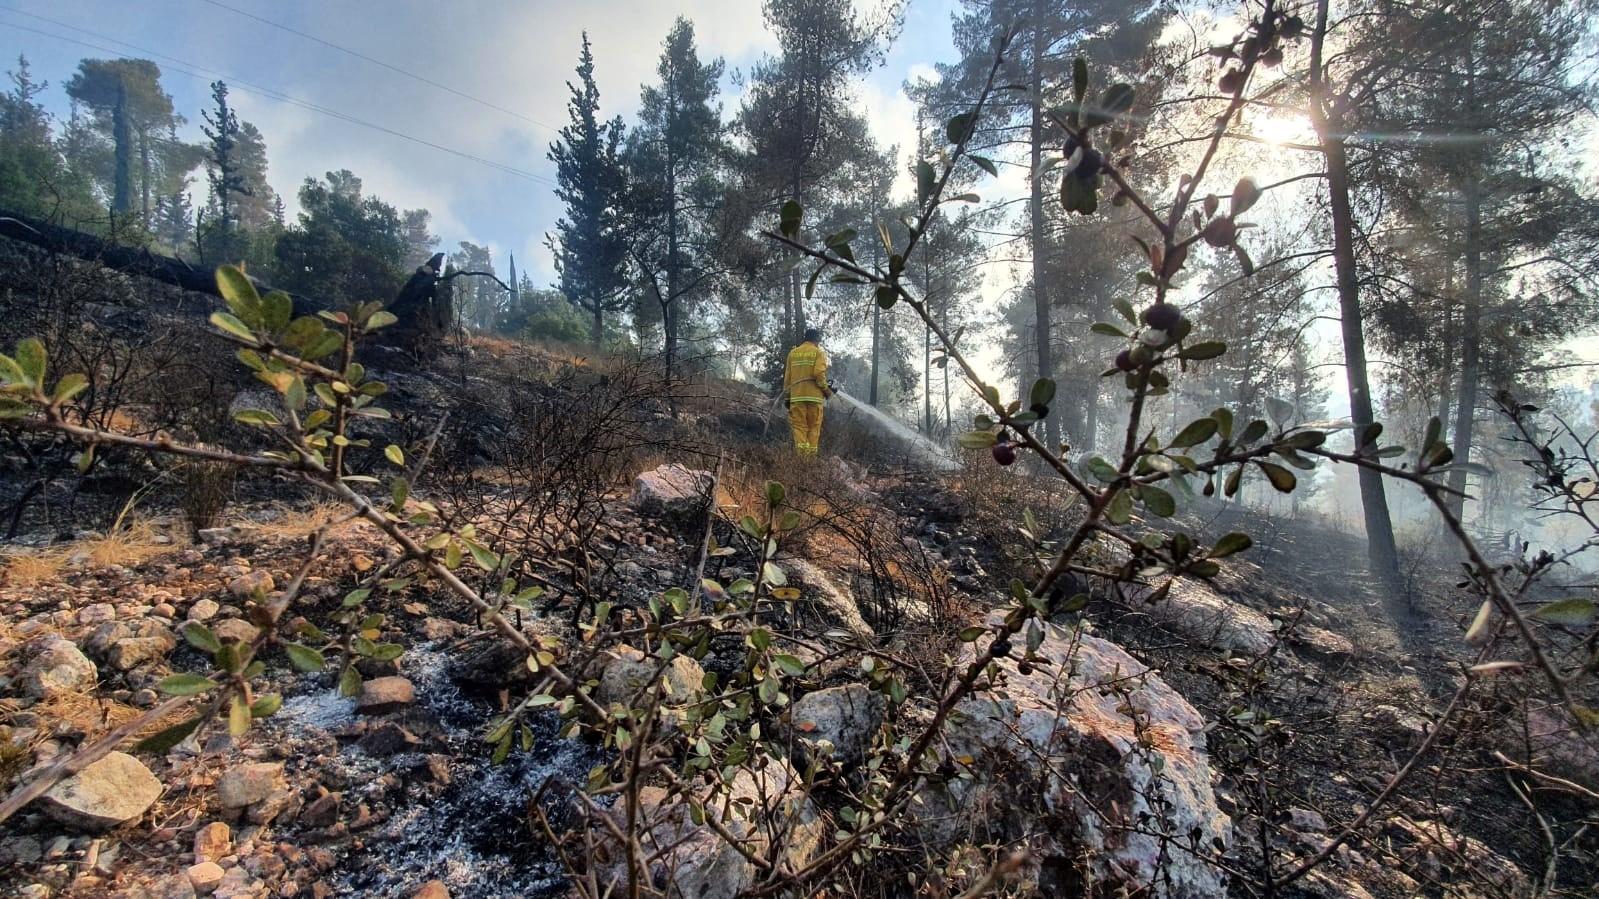 """על השריפה המחרידה בהרי ירושלים, יערות הקק""""ל והצדק לשני העמים"""